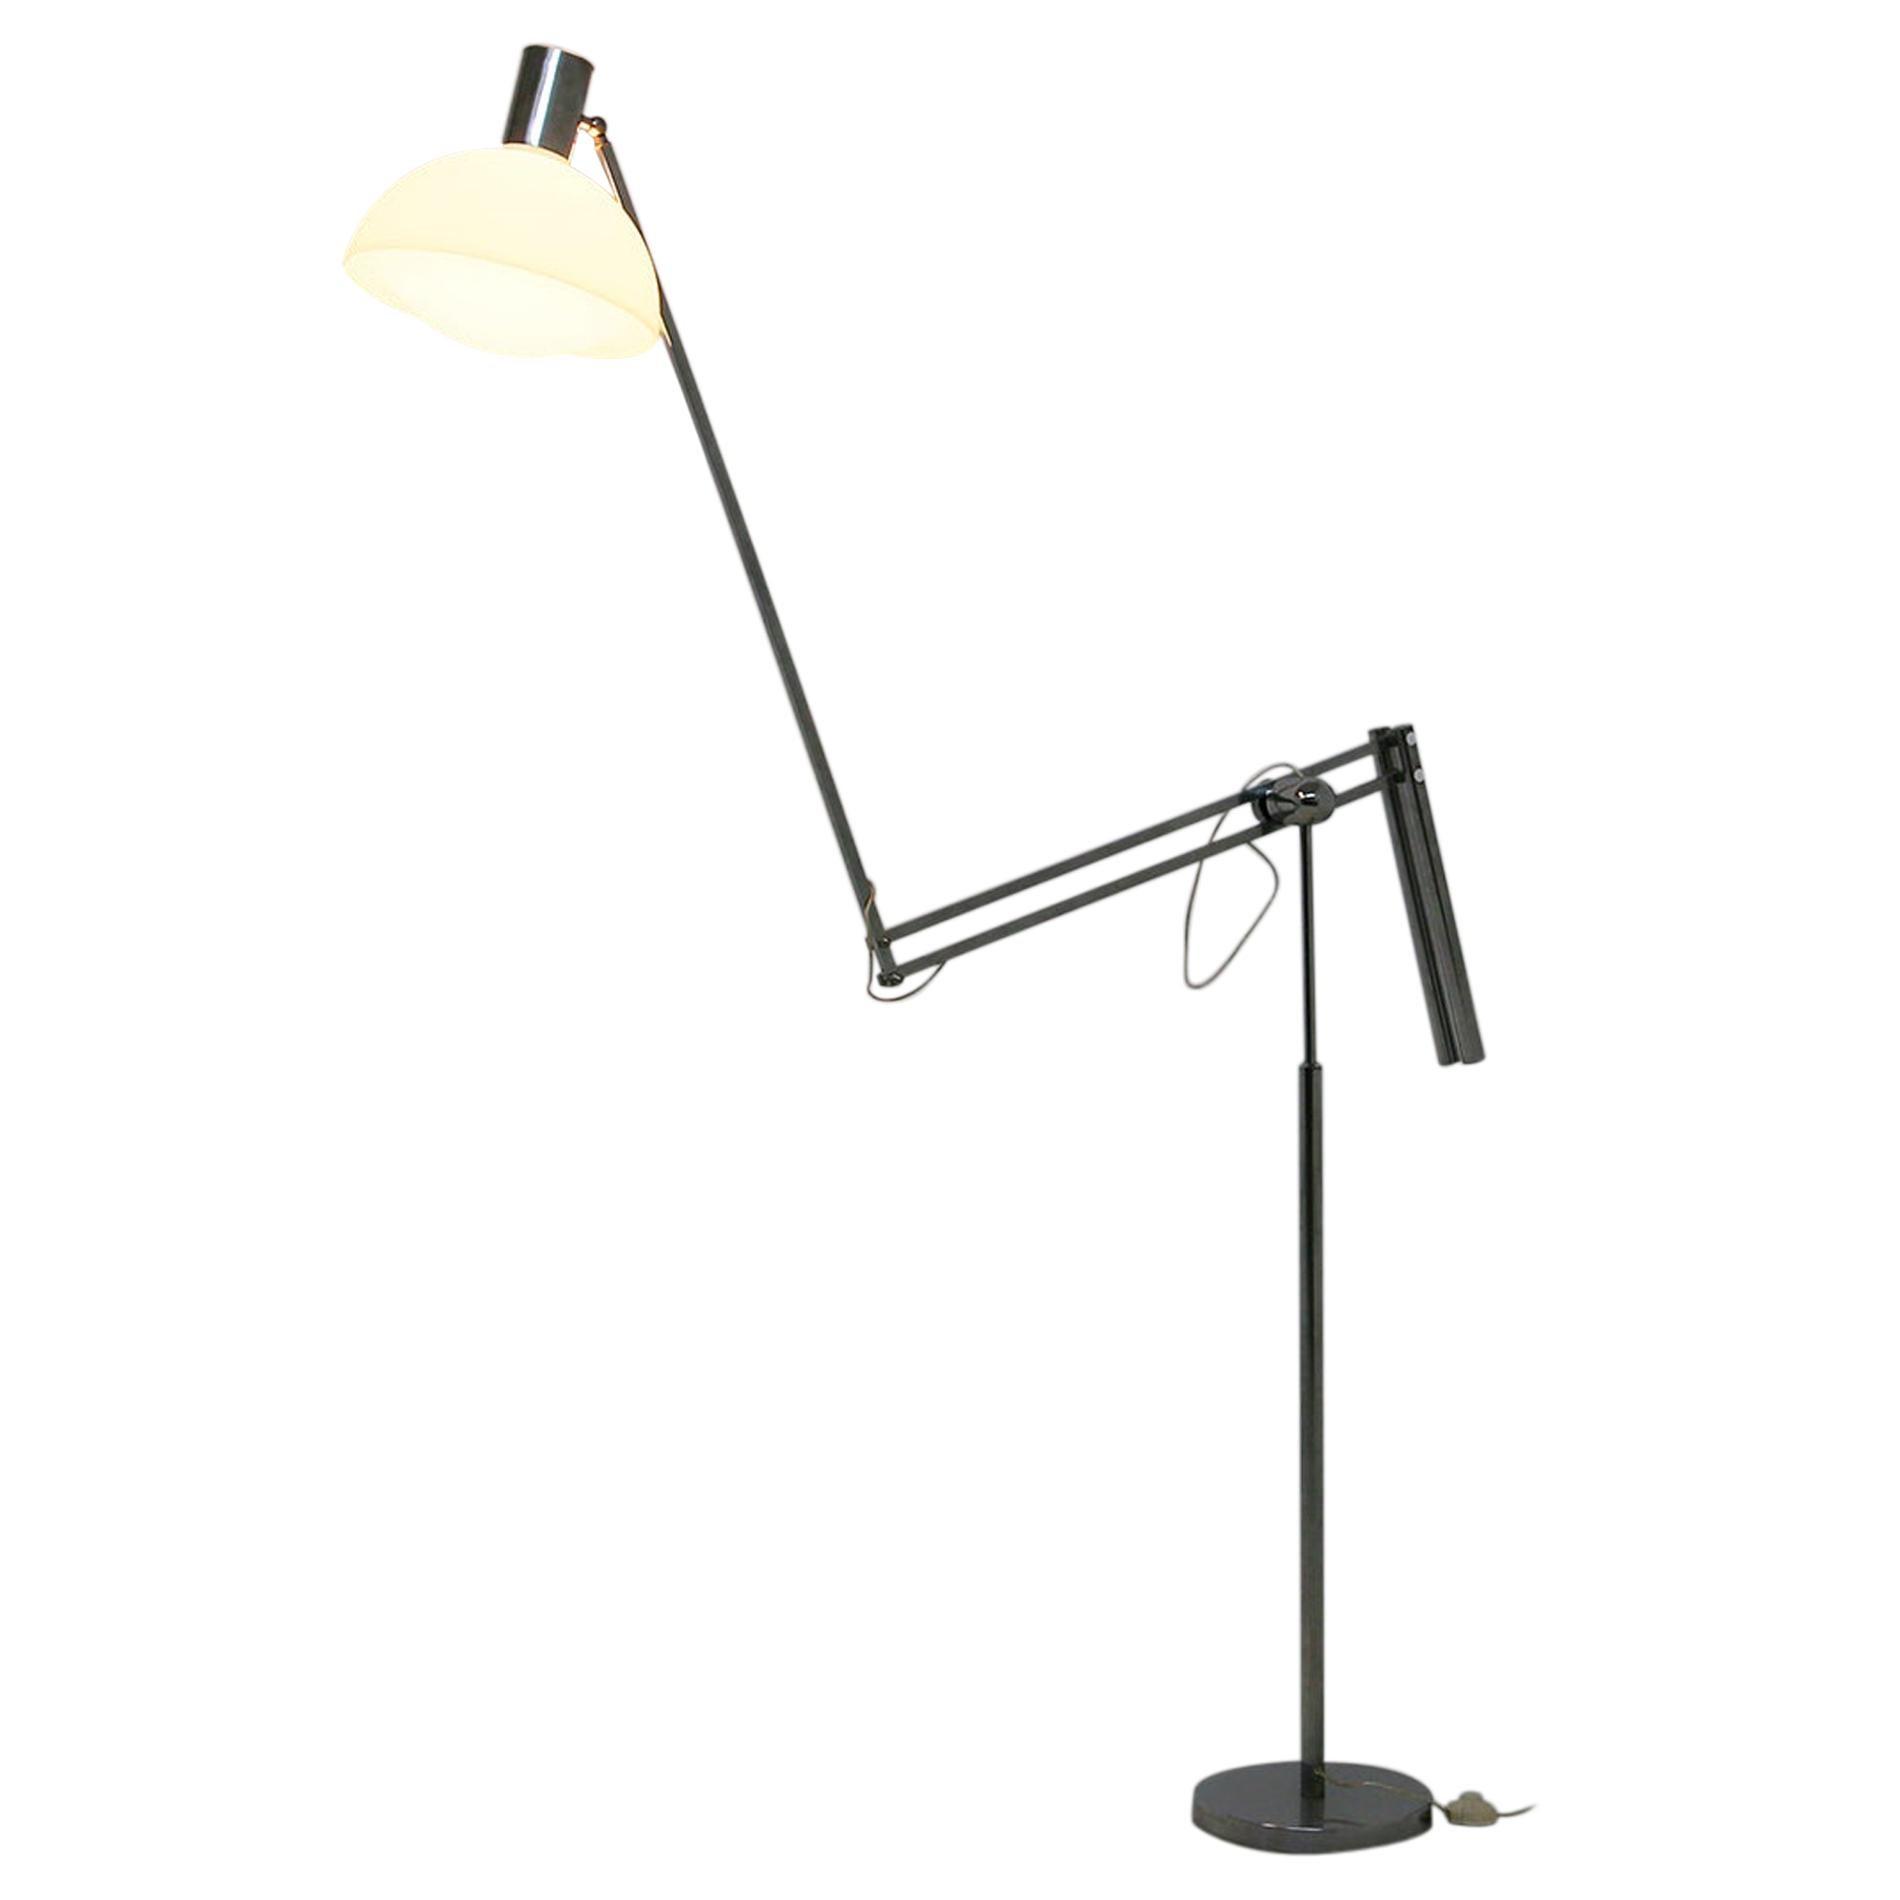 Italian Floor Lamps in Plexiglass and Steel, 1960s